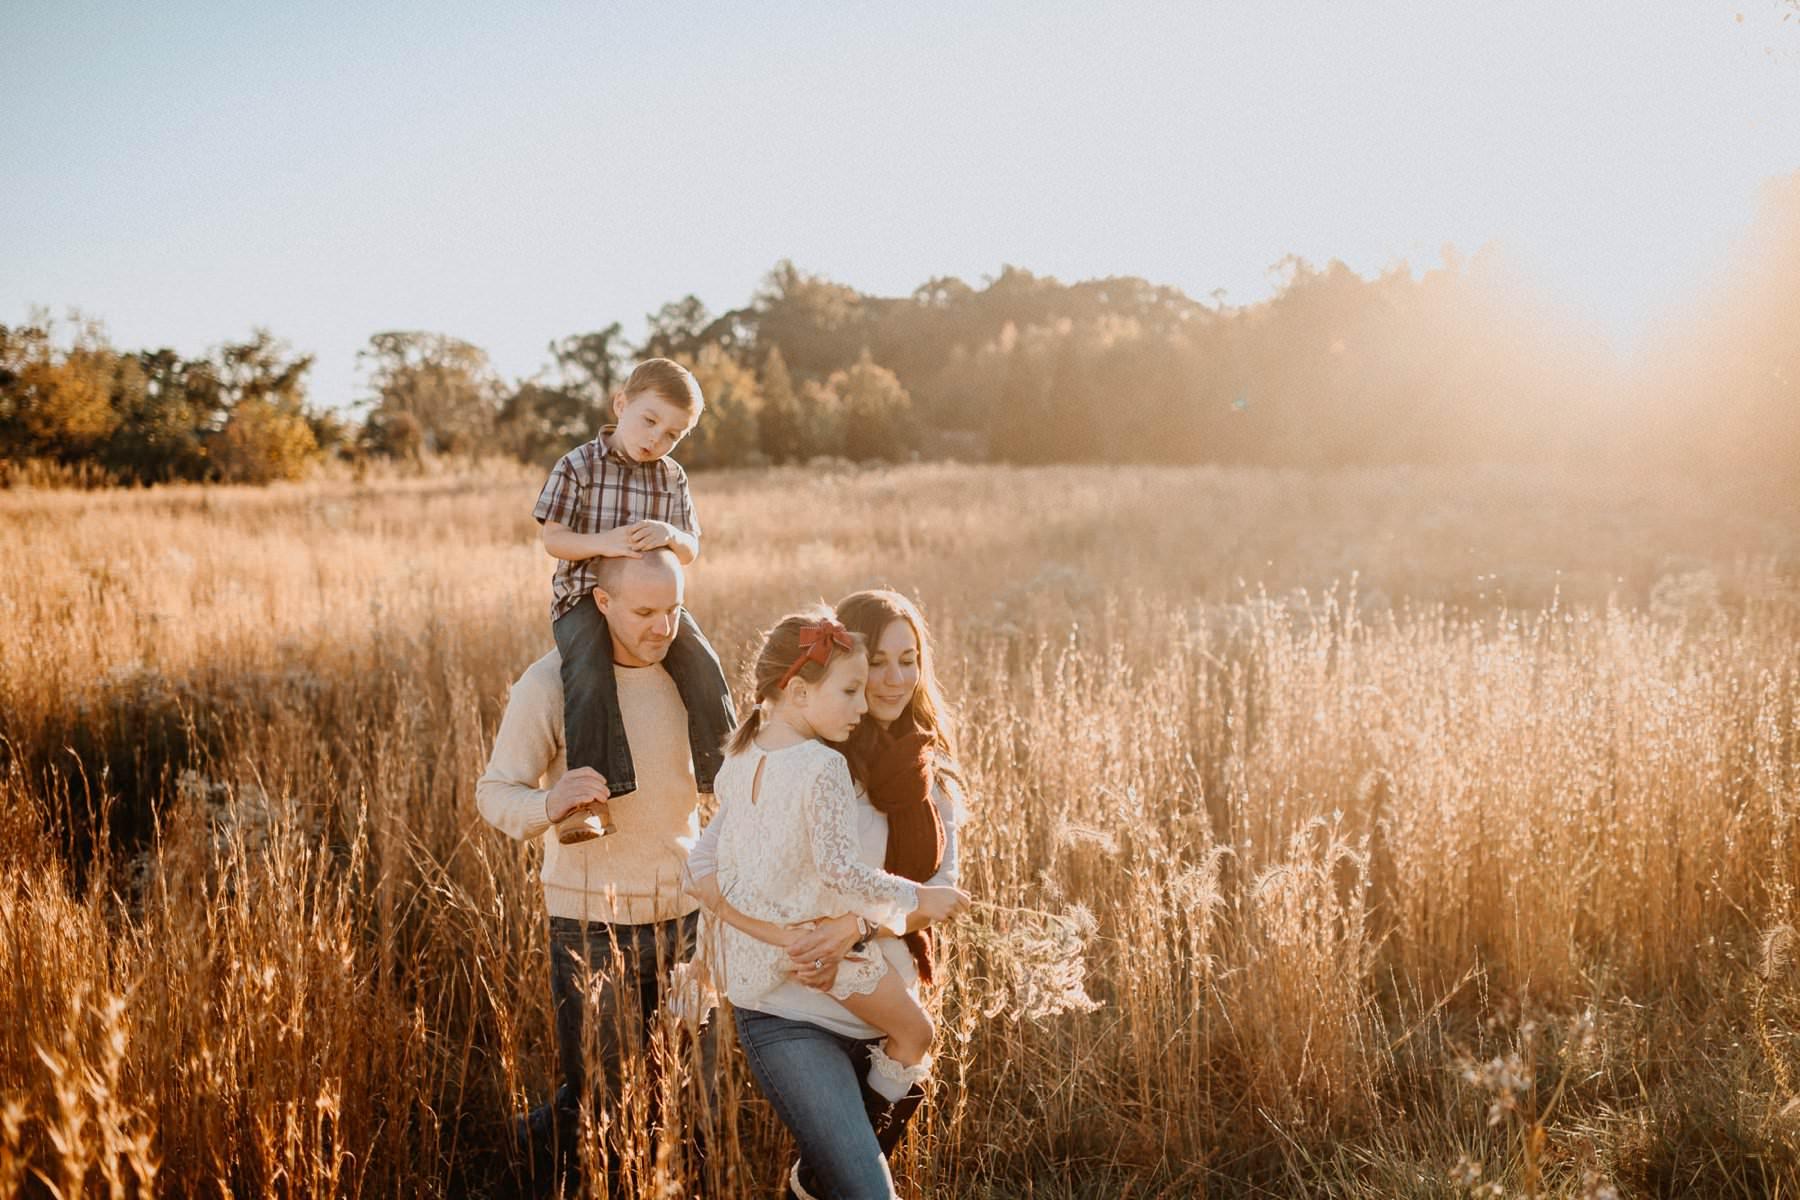 Delaware-family-photographer-35.jpg